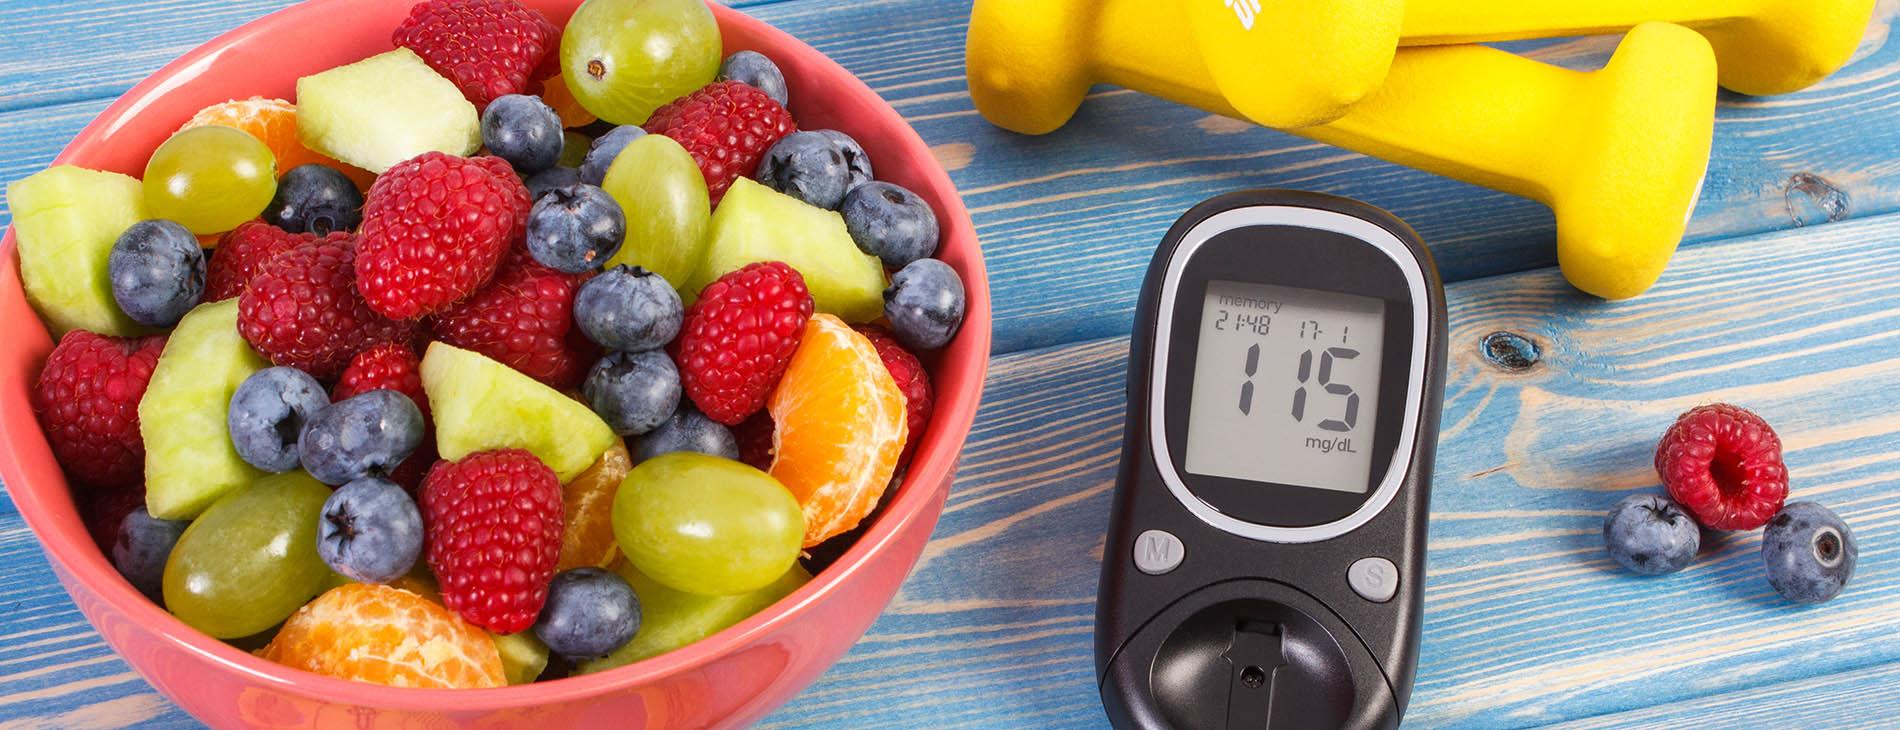 diabeto ir hipertenzijos gydymo režimas)